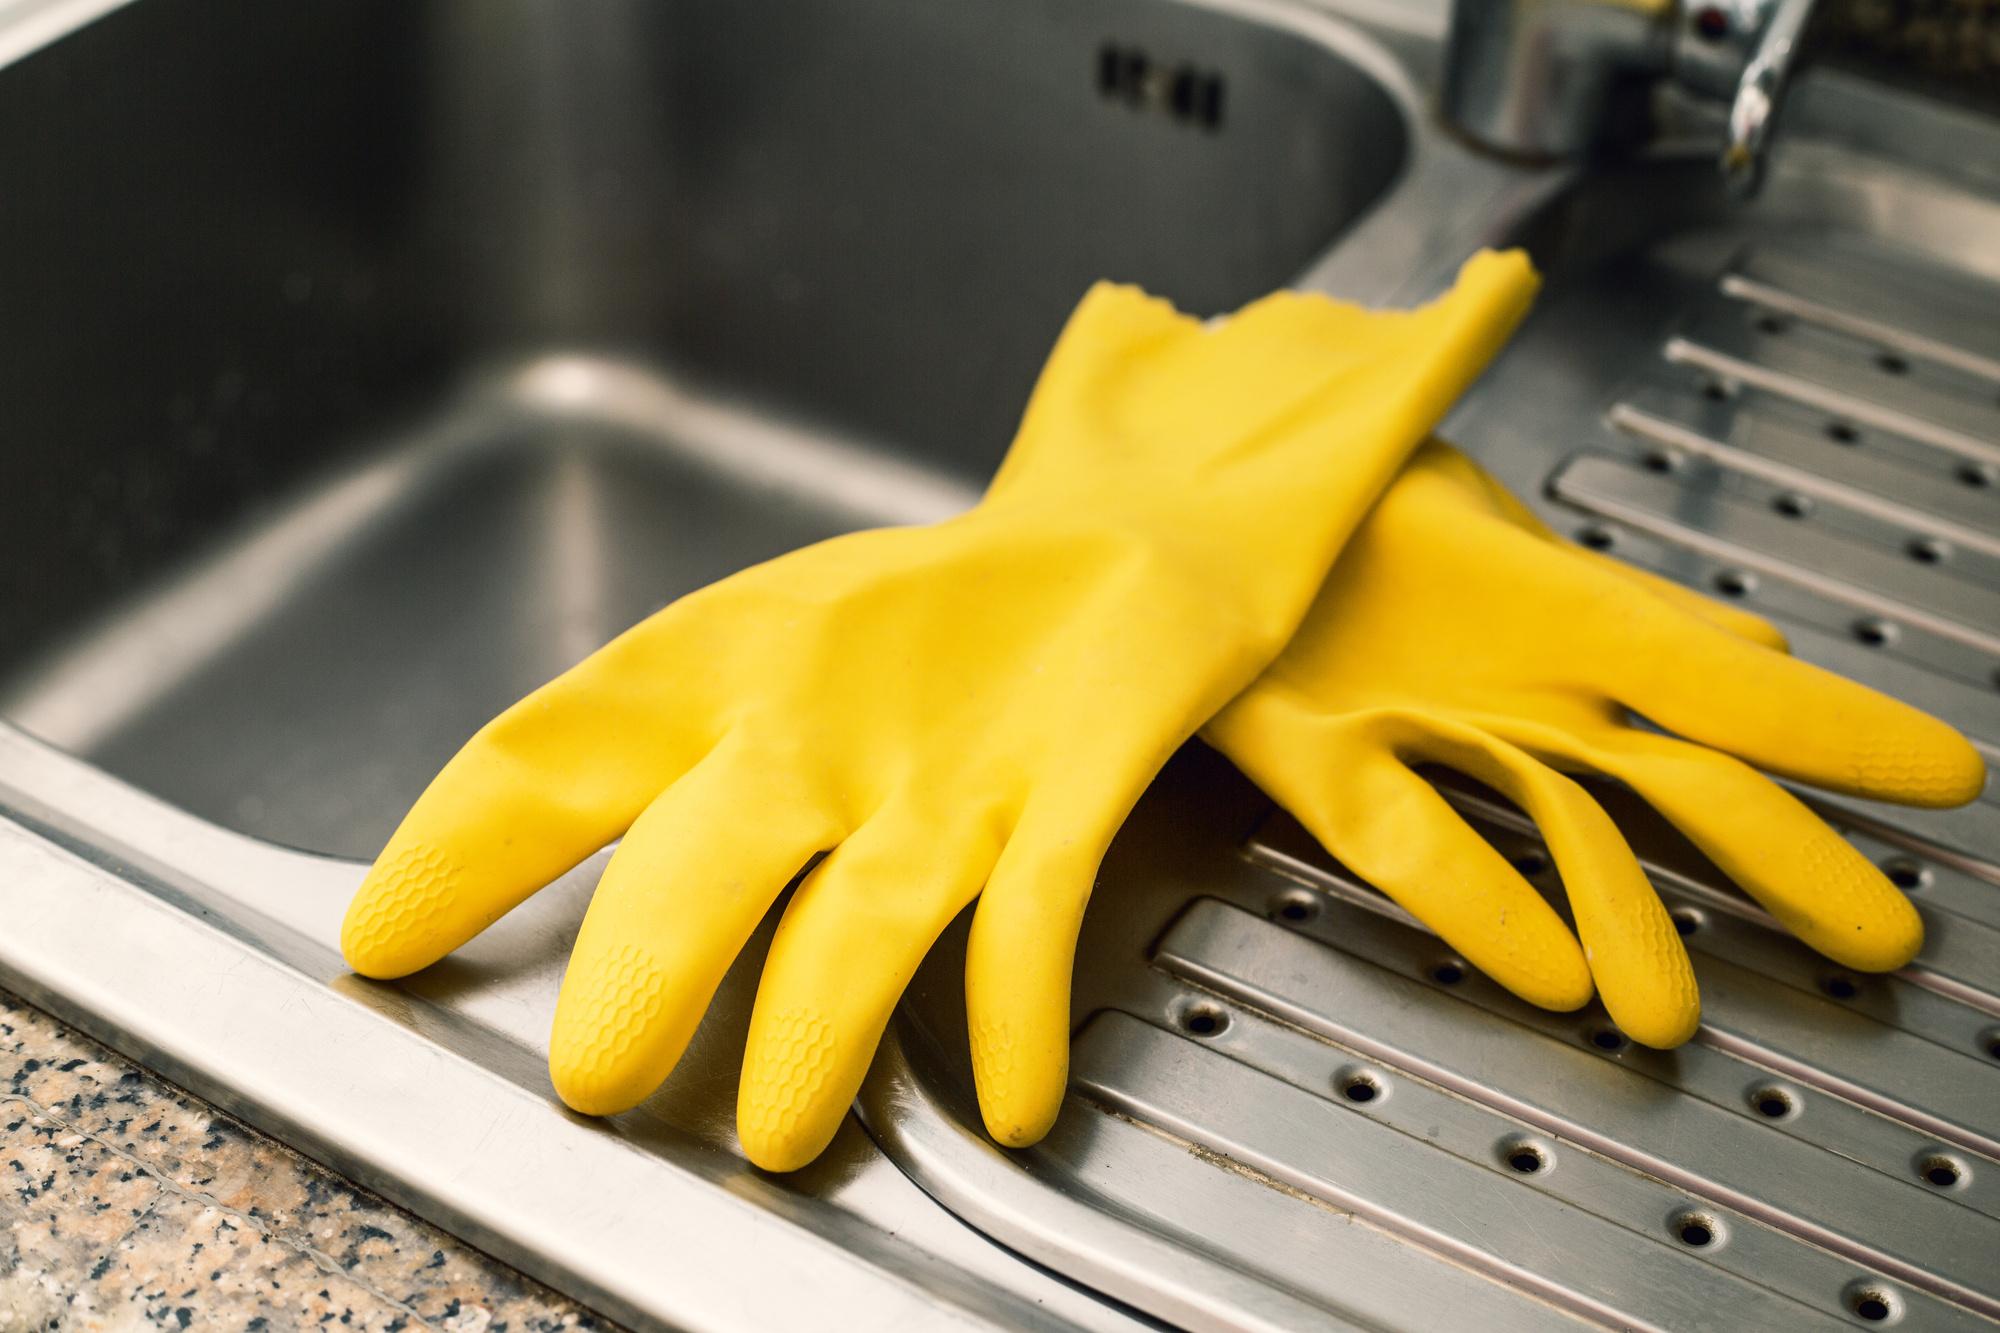 guanti gialli lava piatti lavandino cucina ristorante